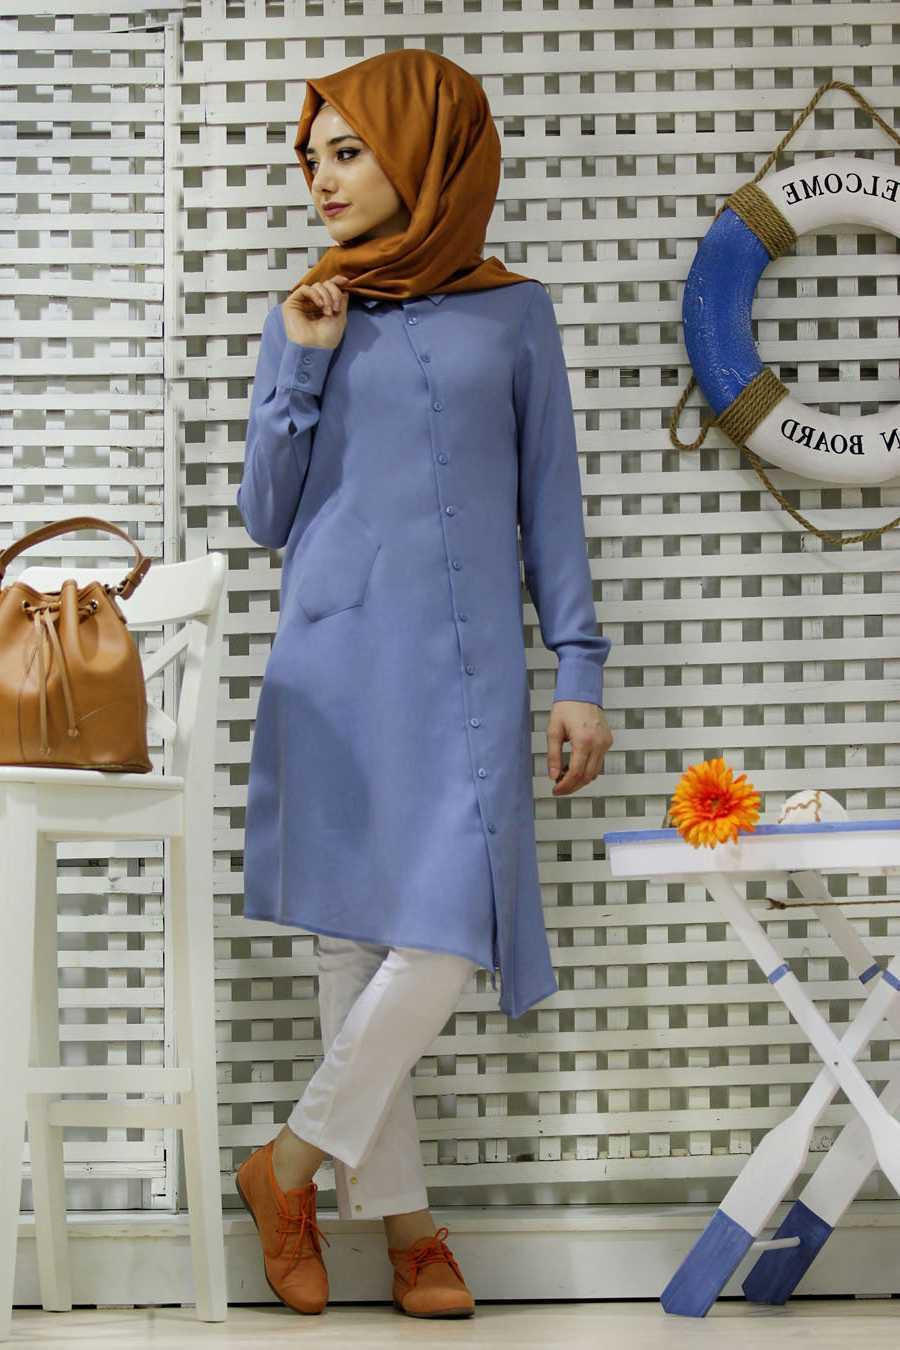 Gamze Polat Mavi Renk Tunik Kombinleri